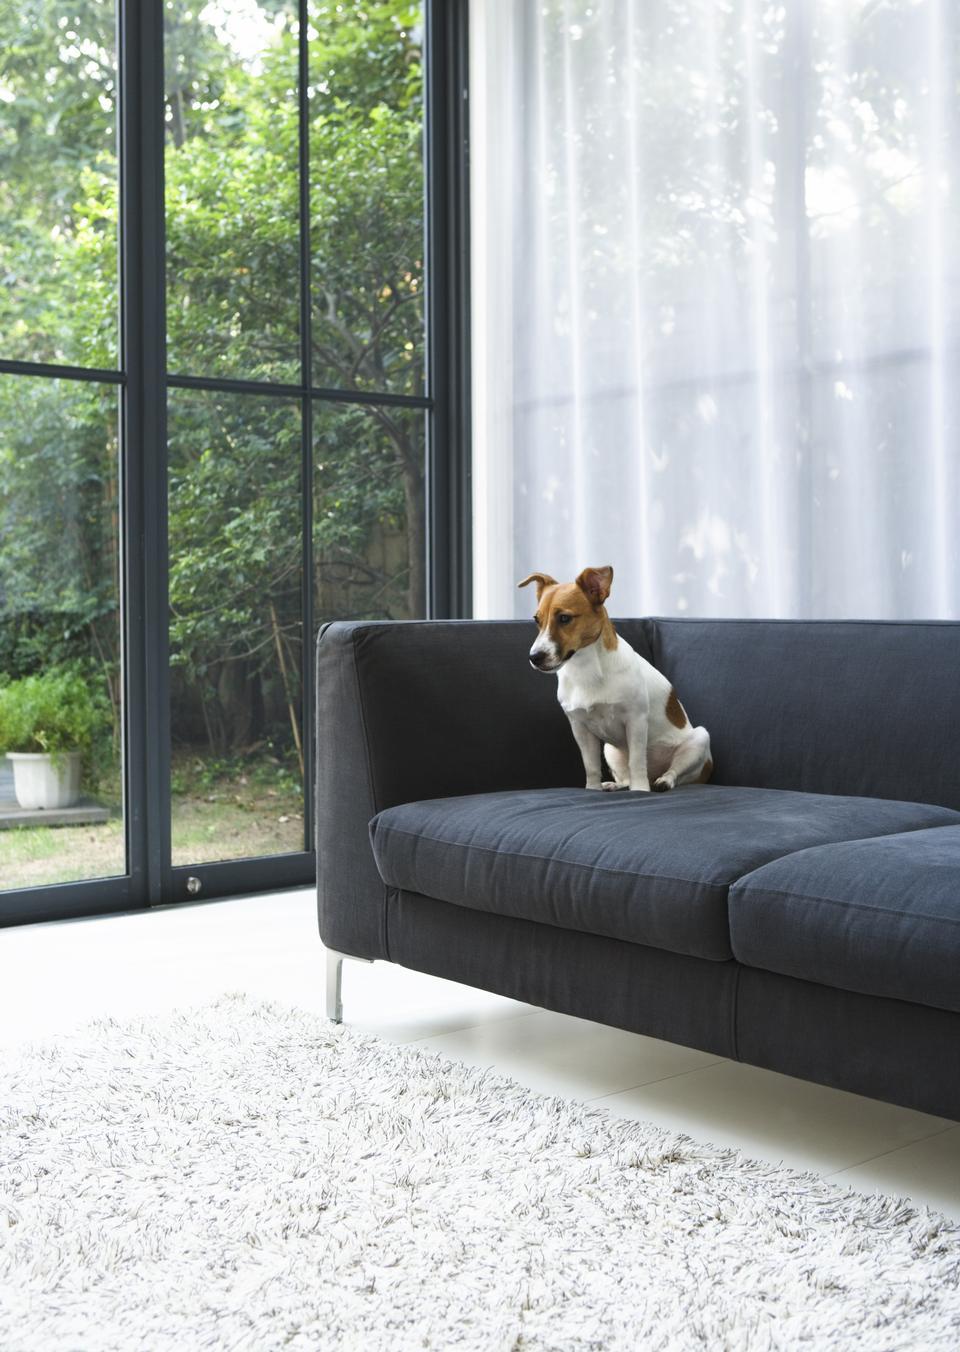 座って犬と一緒に現代的なリビングルーム